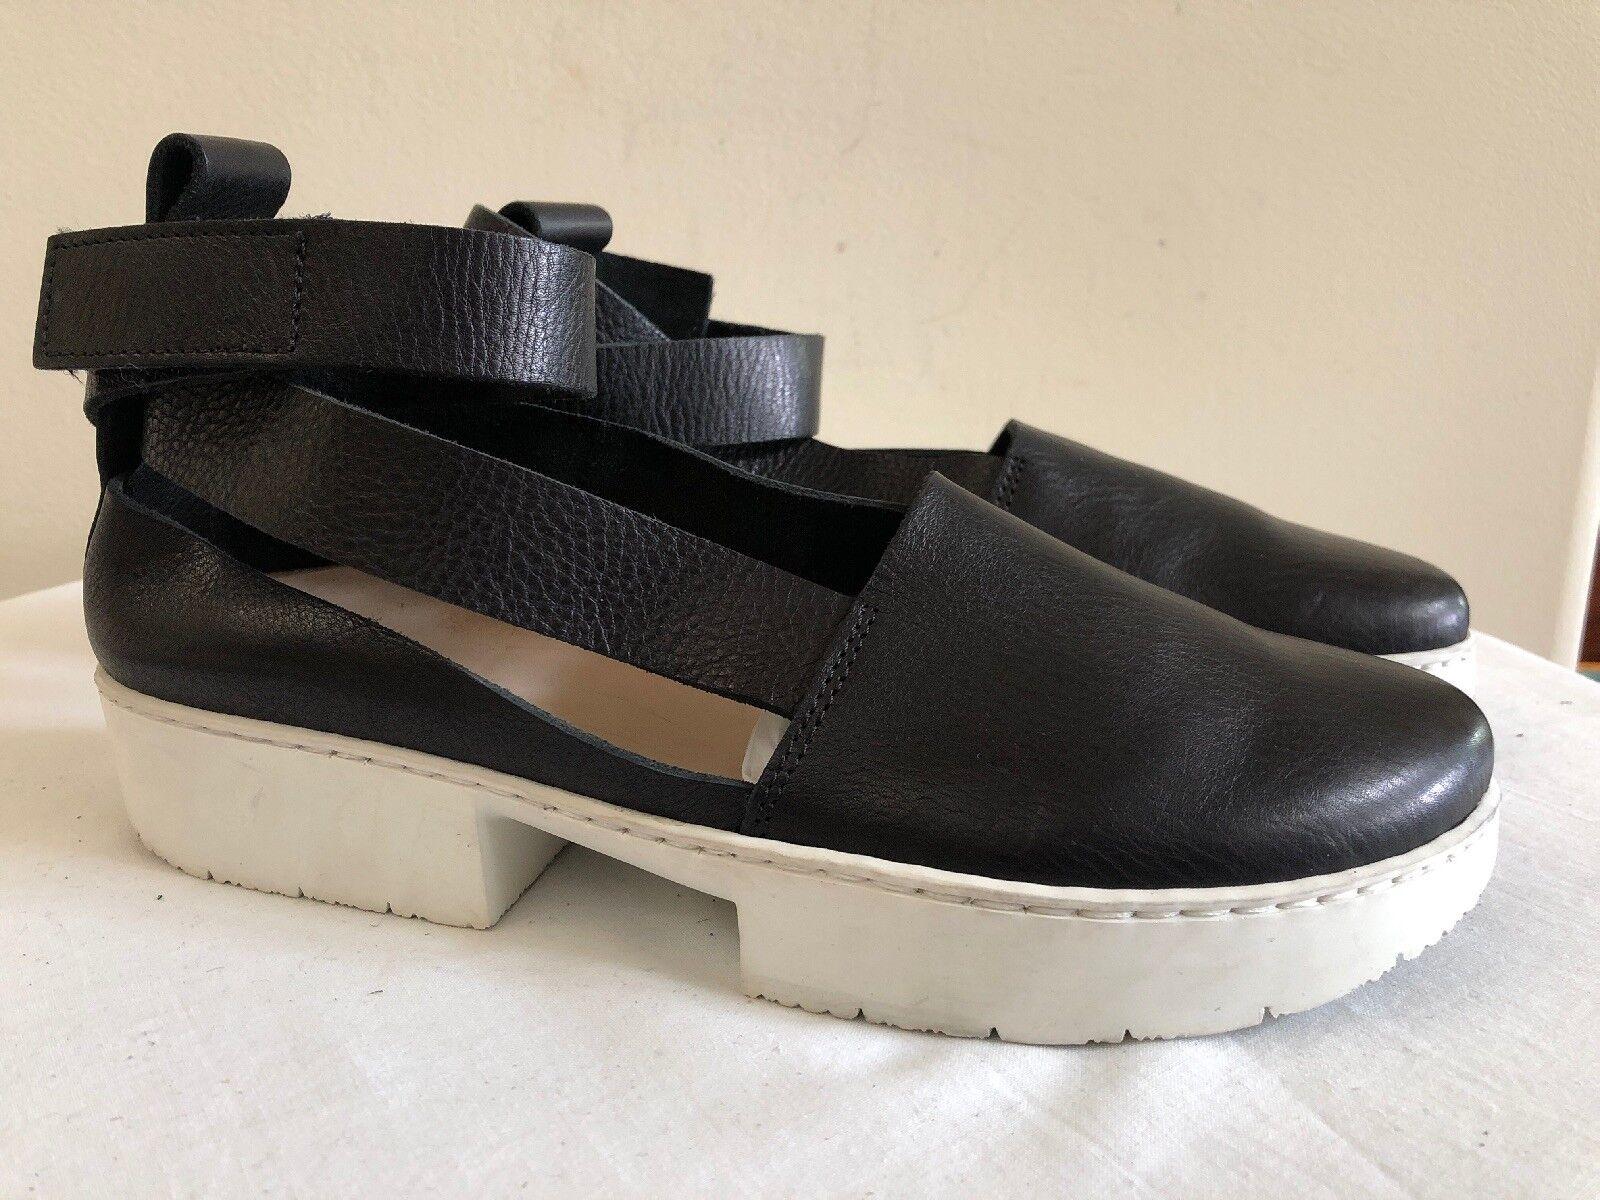 Nuevo Nuevo Nuevo Sin Caja Trippen Negro Cuero Deporte Sandalias Zapatos, EU 40   9 de EE. UU.  comprar nuevo barato